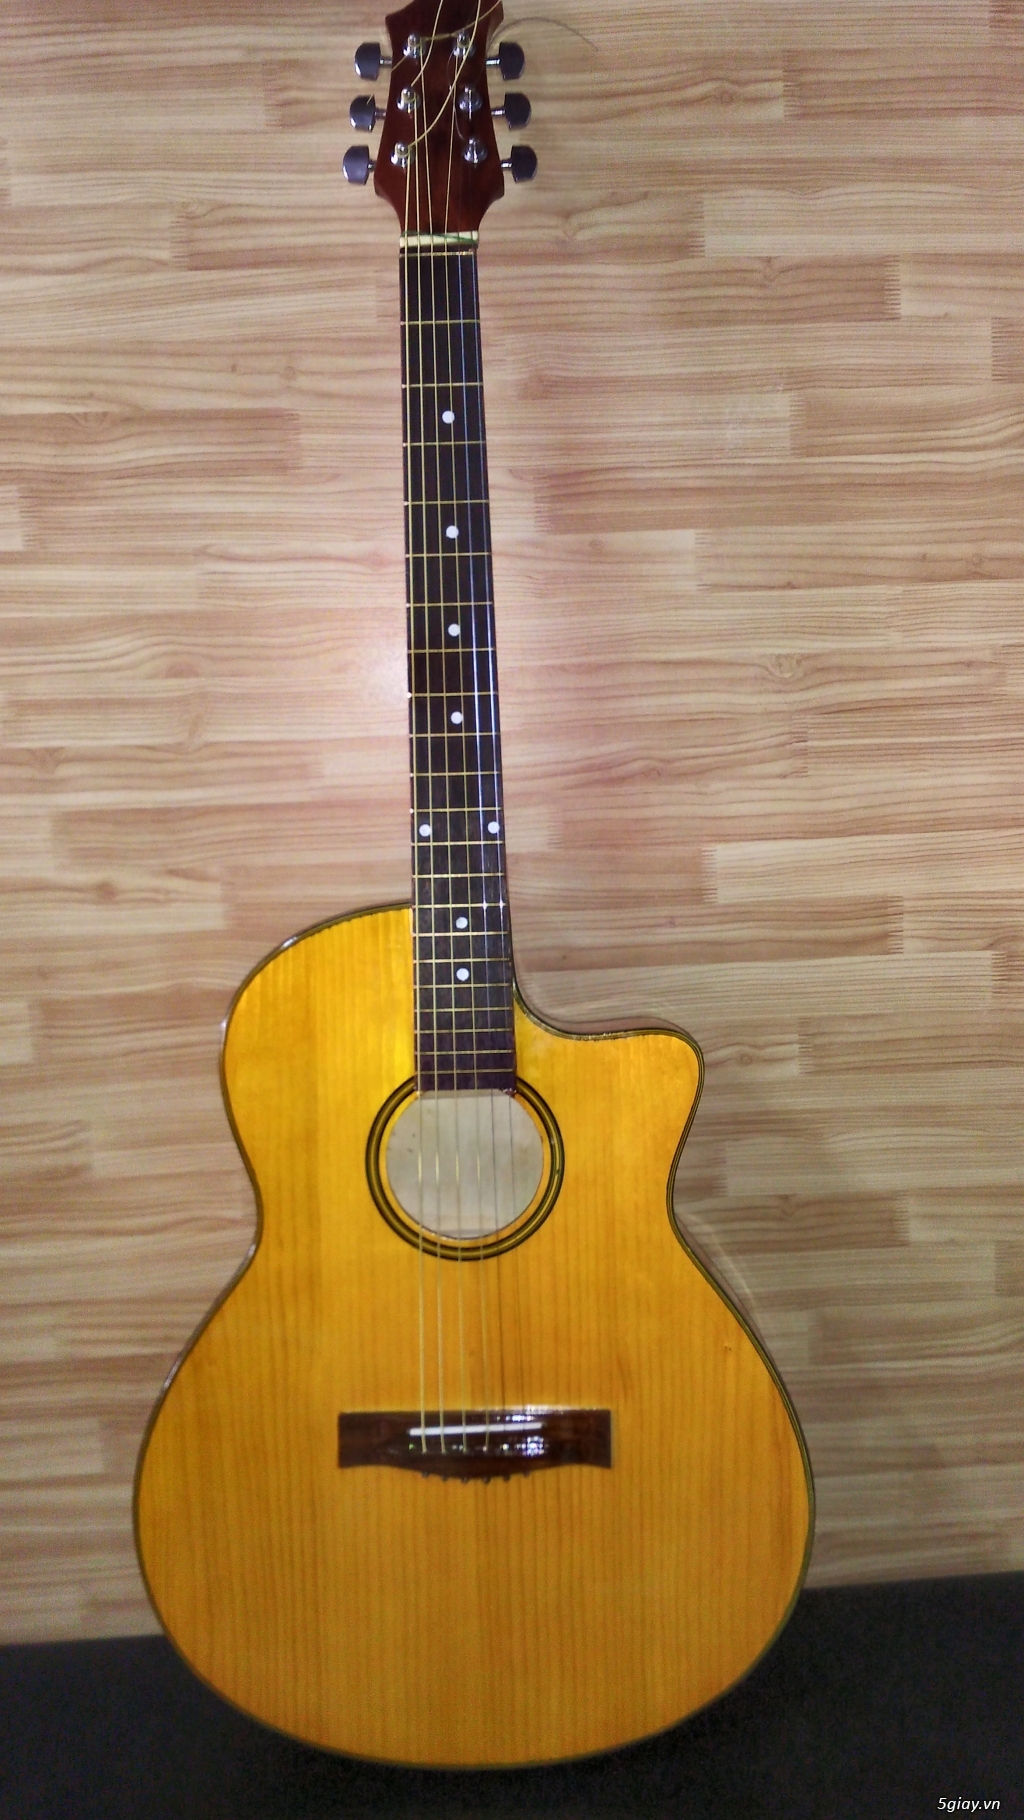 Guitar Song Hành Hóc Môn giá siêu cạnh tranh - 3